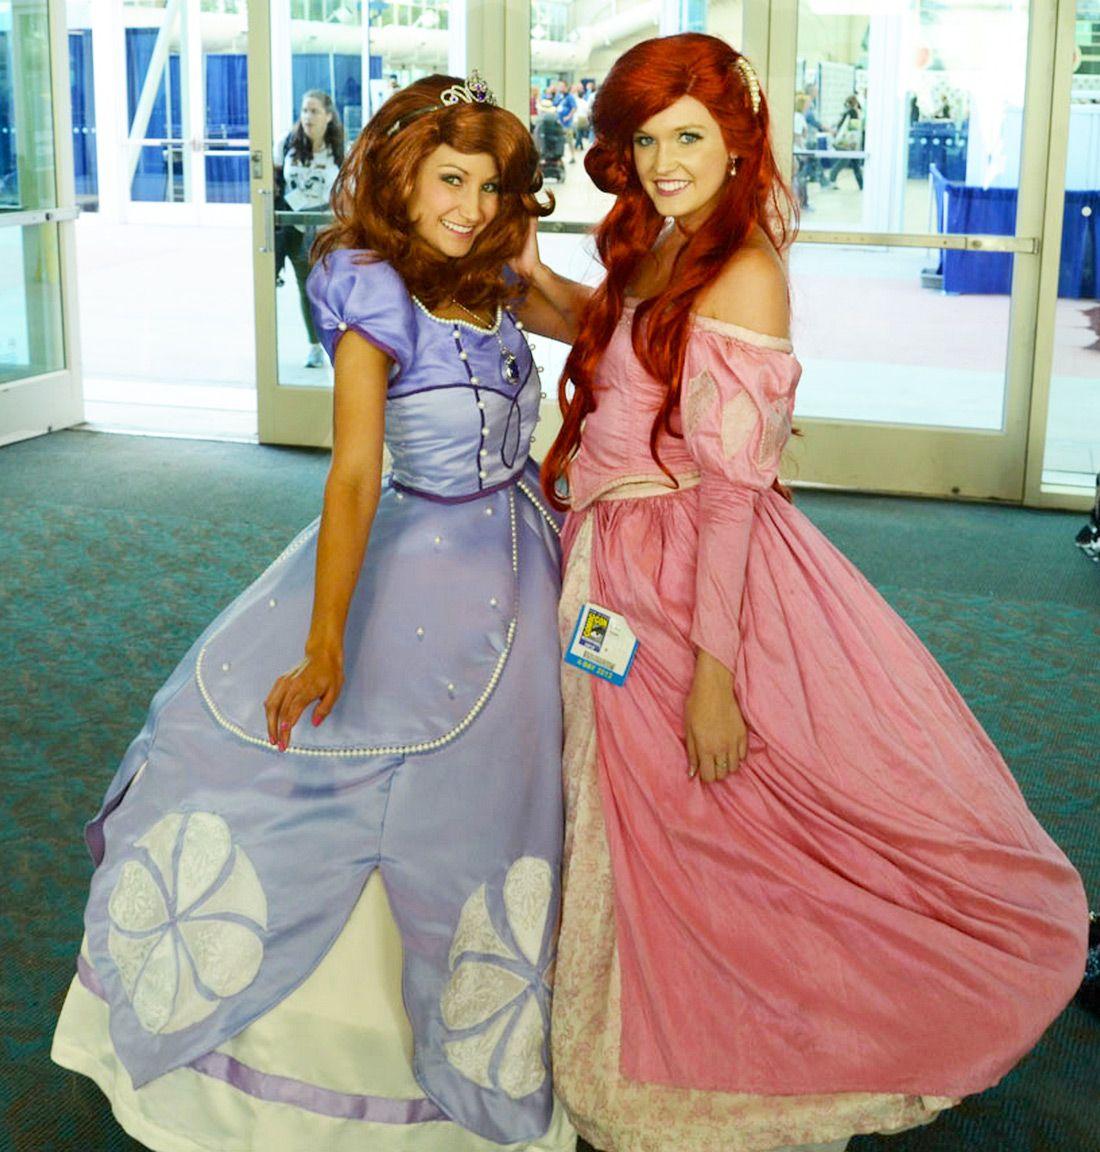 Sofia the first ariel disney cosplay sdcc 2013 - Princesse sofia et ariel ...